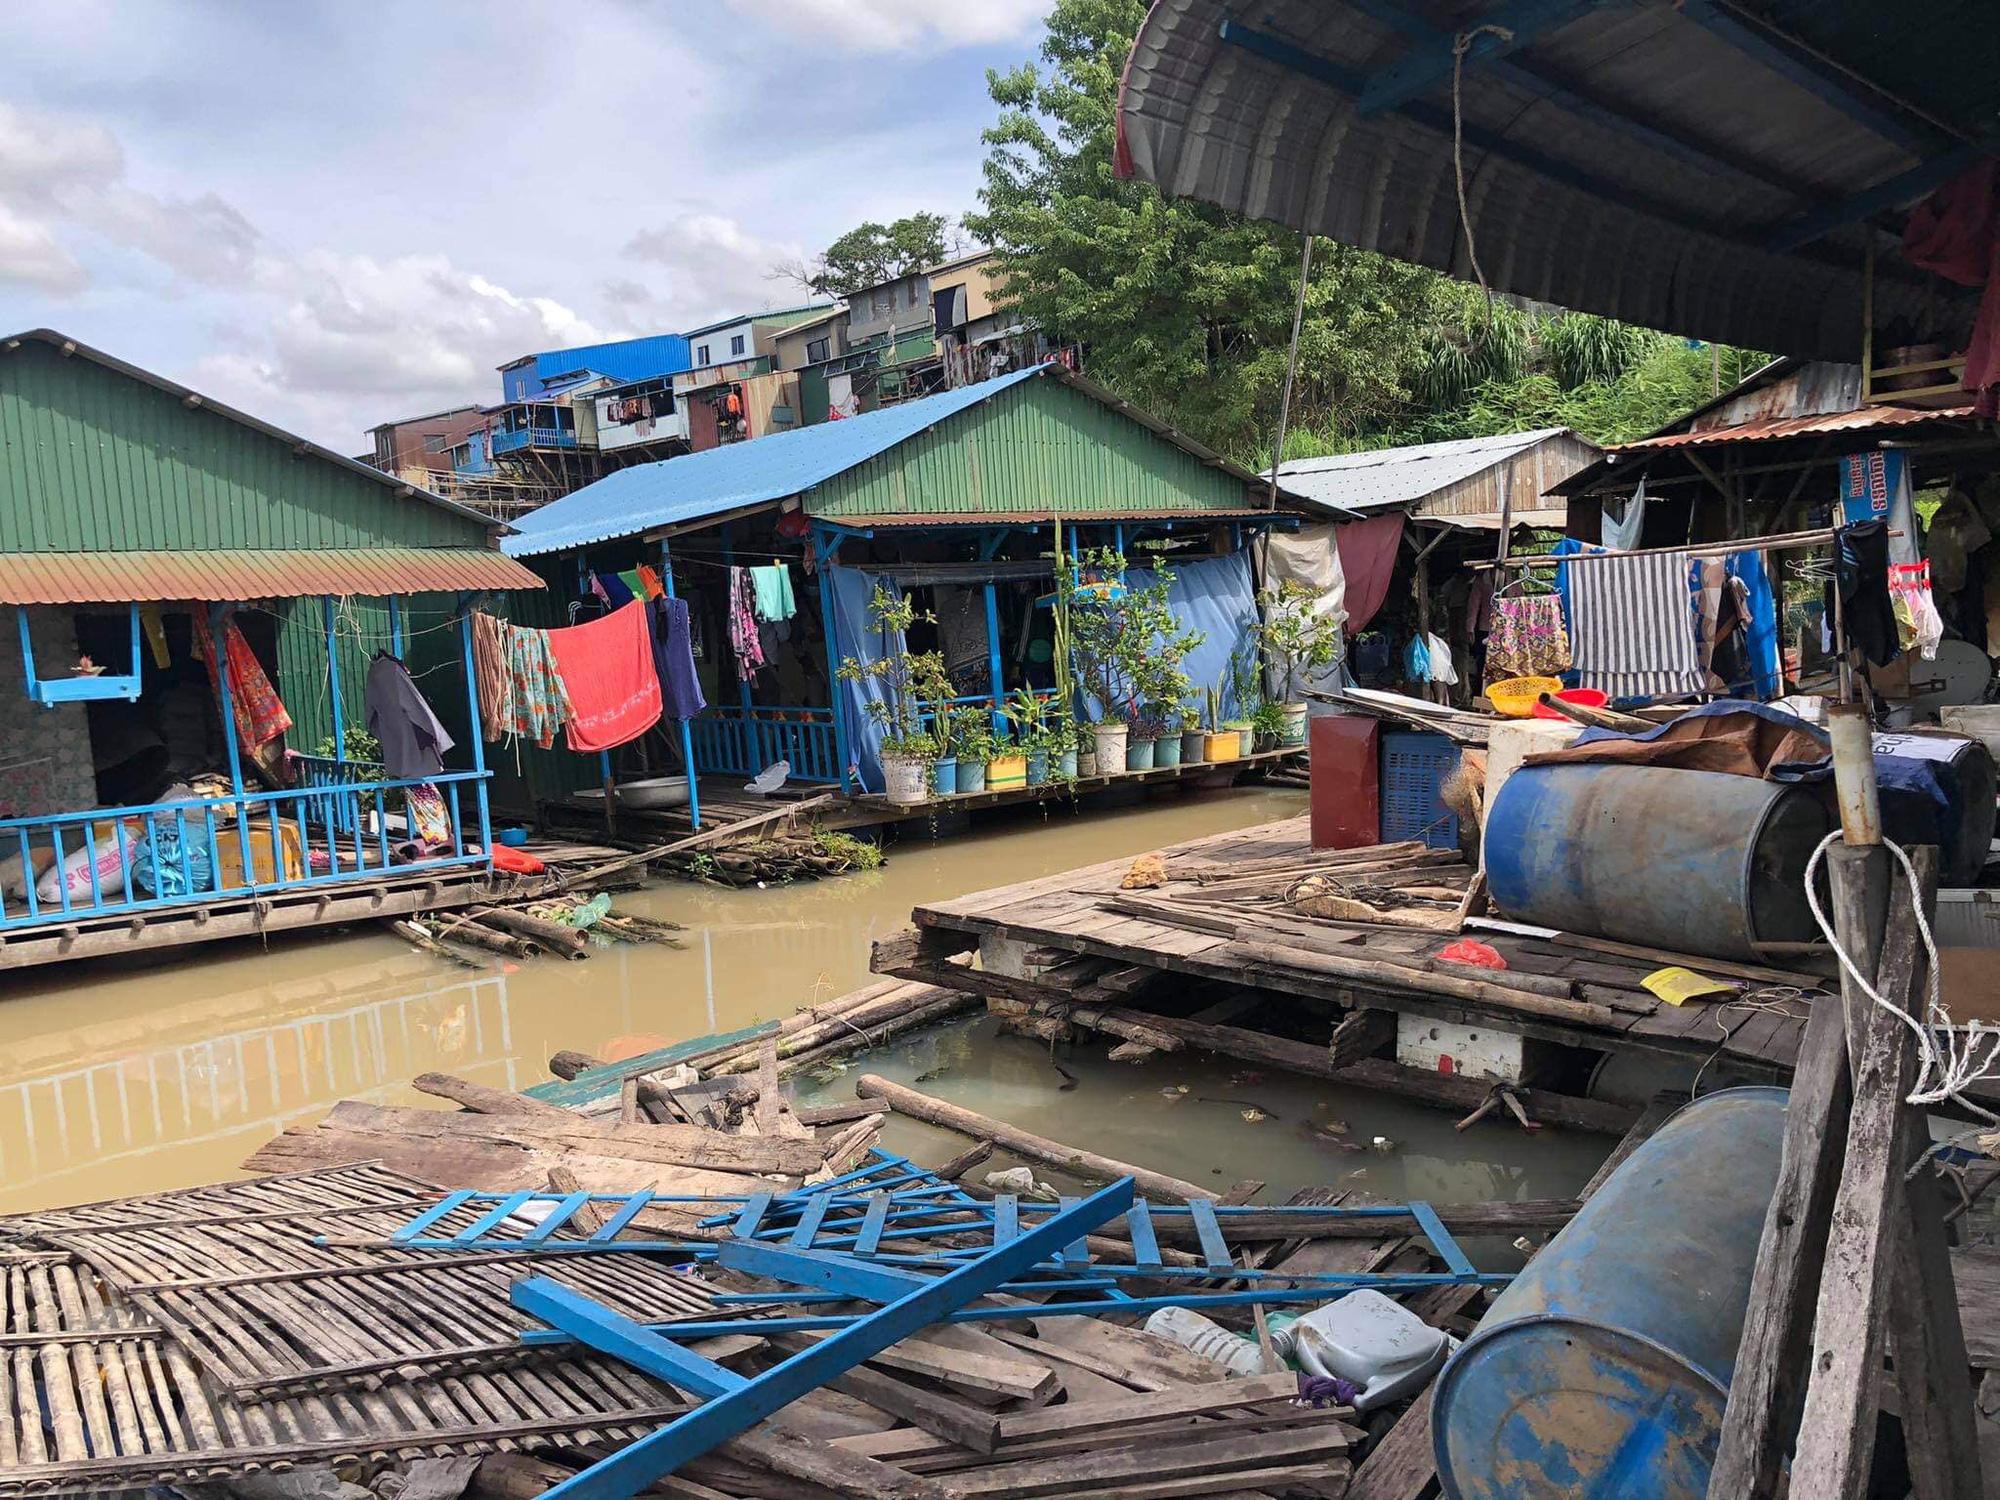 Đề nghị có lộ trình hợp lý di dời nhà nổi của người gốc Việt tại Phnom Penh - Ảnh 1.